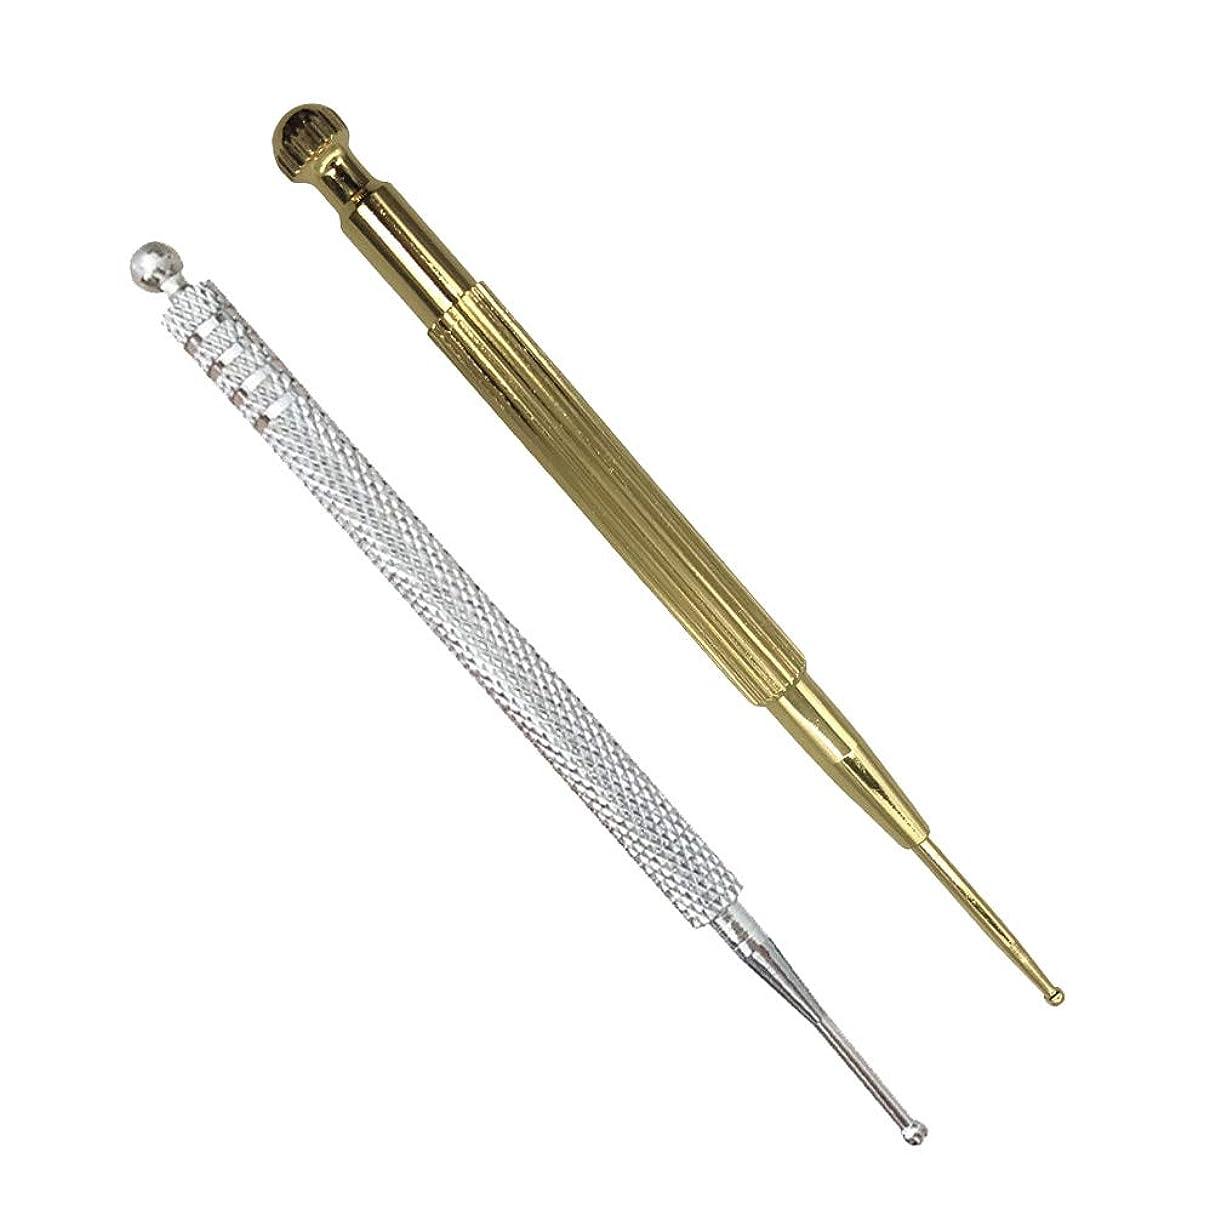 ストレッチアメリカ成果SUPVOX SUPVOX鍼治療のポイントプローブ付きスプリングイヤーボディスティミュレーター指圧ペン2本